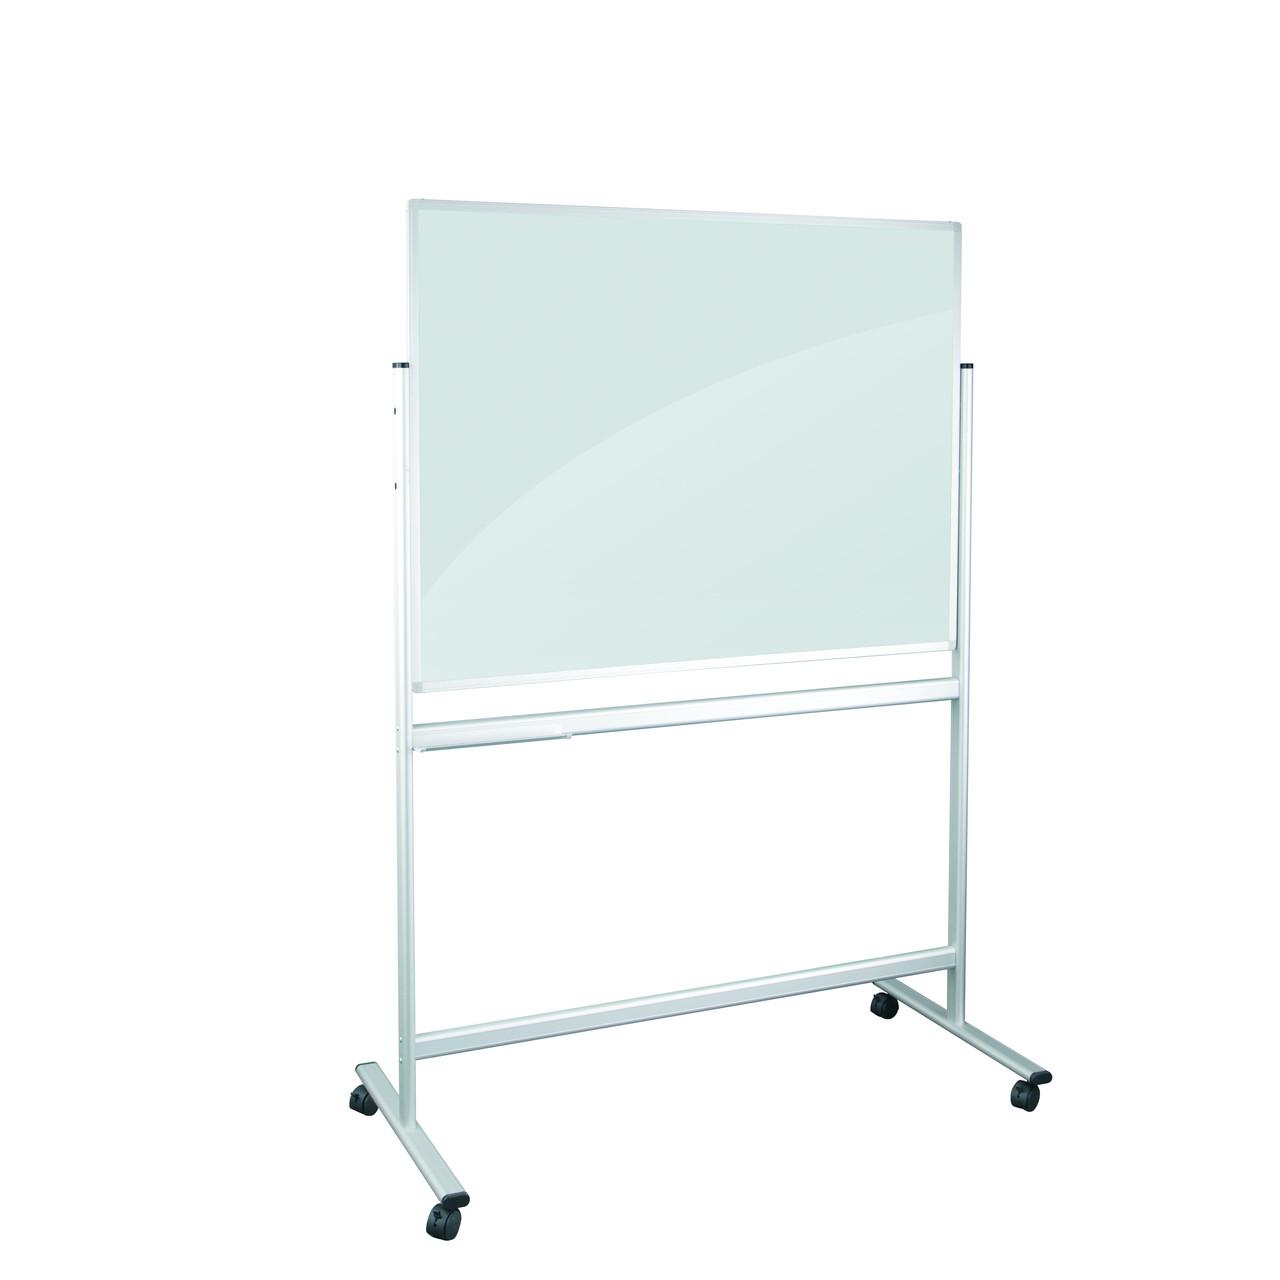 Доска стеклянная двухсторонняя маркерная магнитная мобильная черно-белая 120*90см